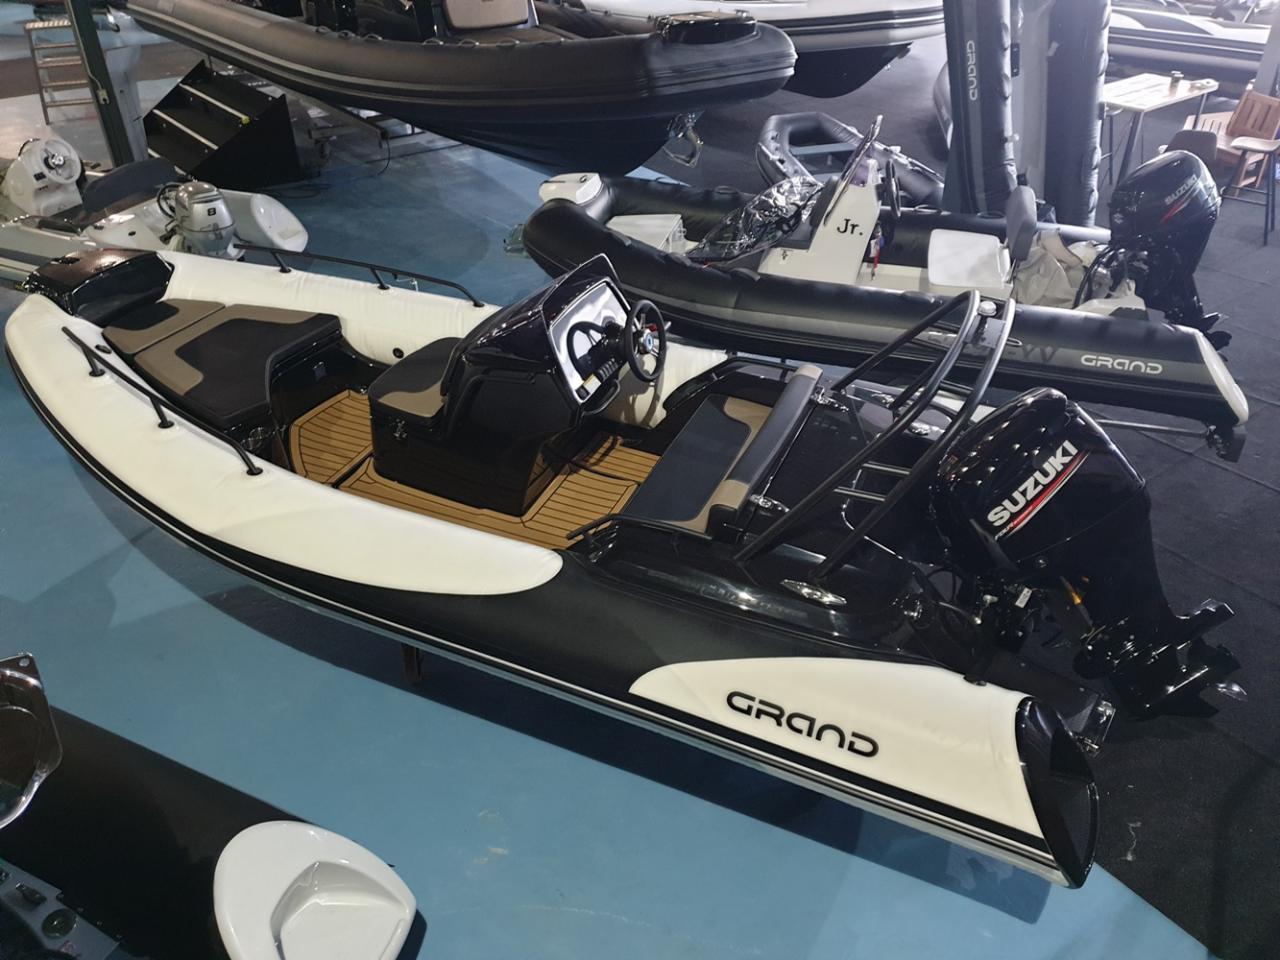 Grand G500 golden line met Suzuki 100 pk op voorraad! 4